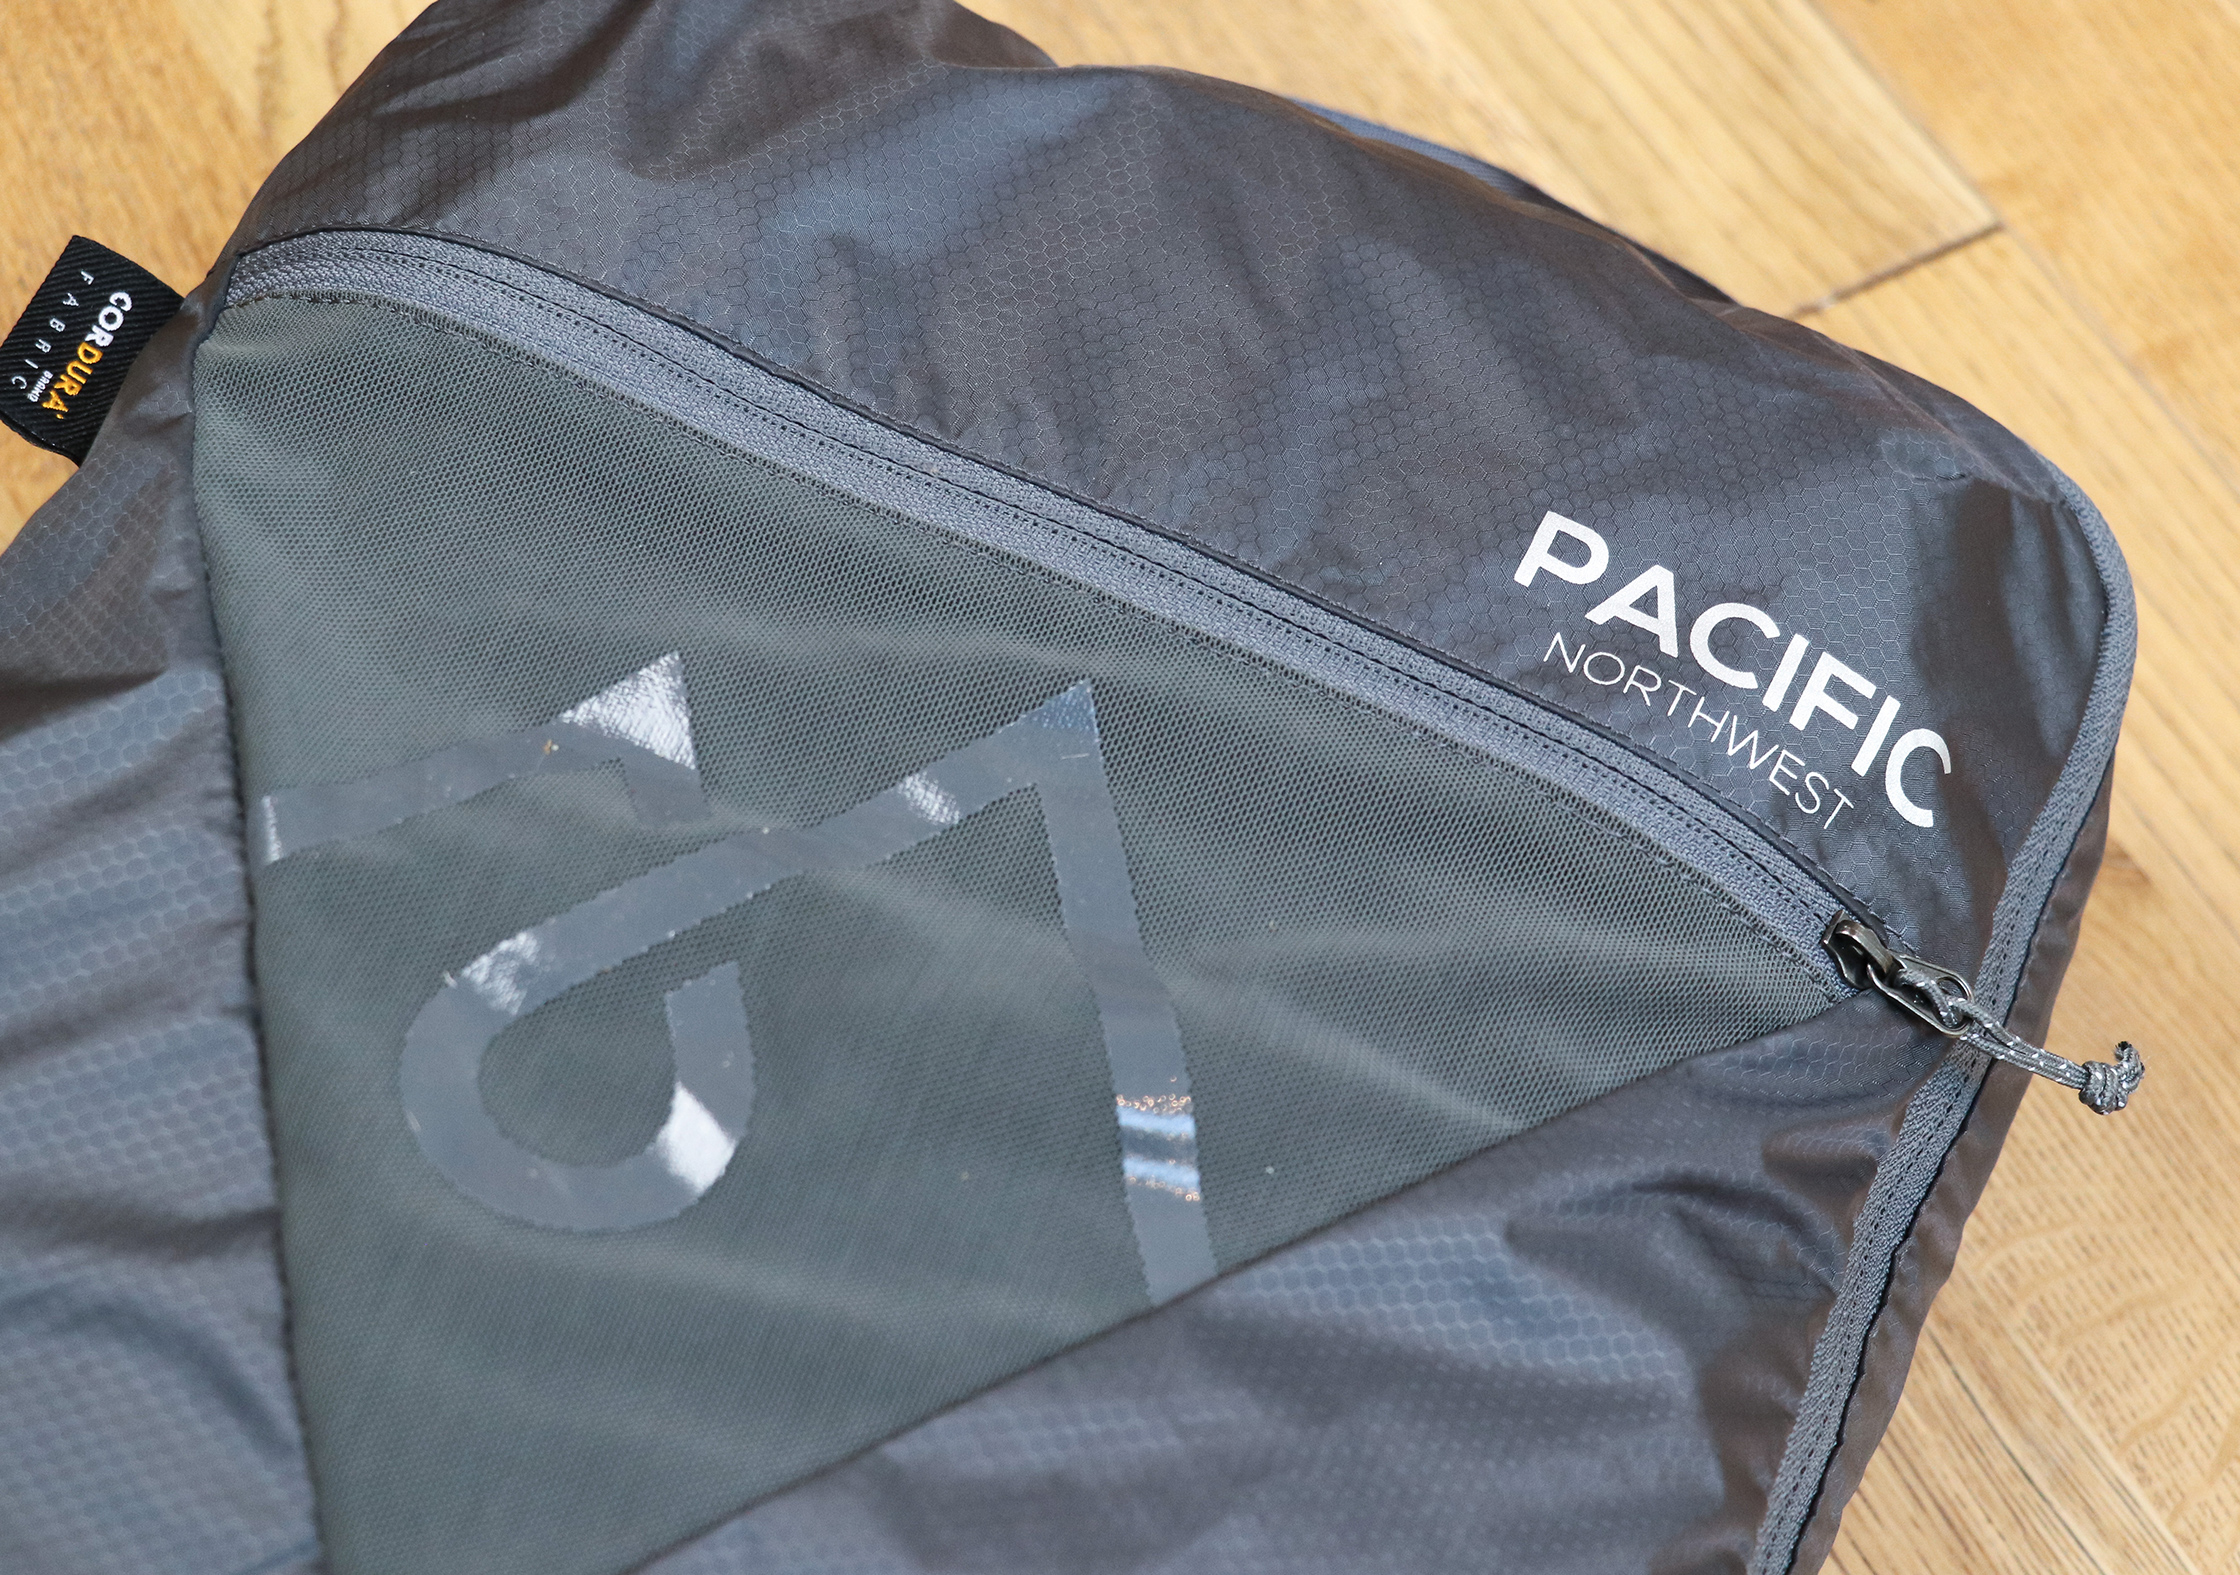 Logos & Branding On The Arkadia Elfin Packing Cubes